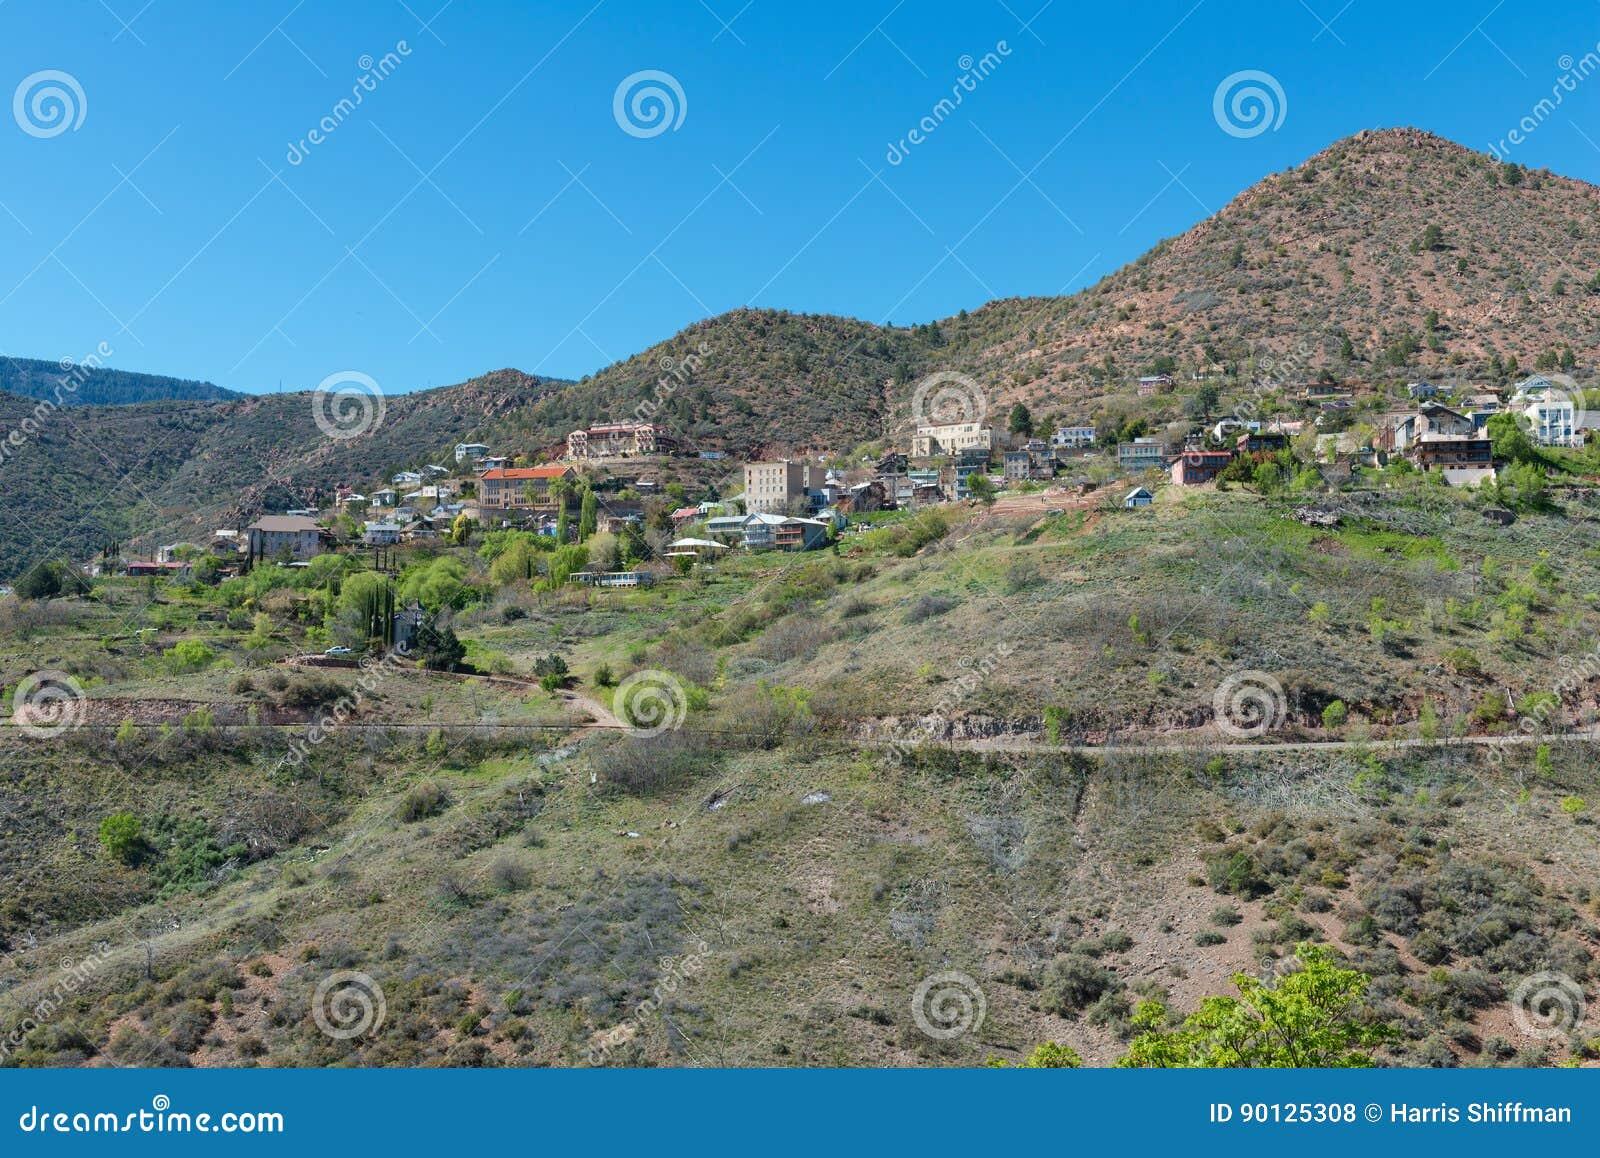 小山顶采矿镇